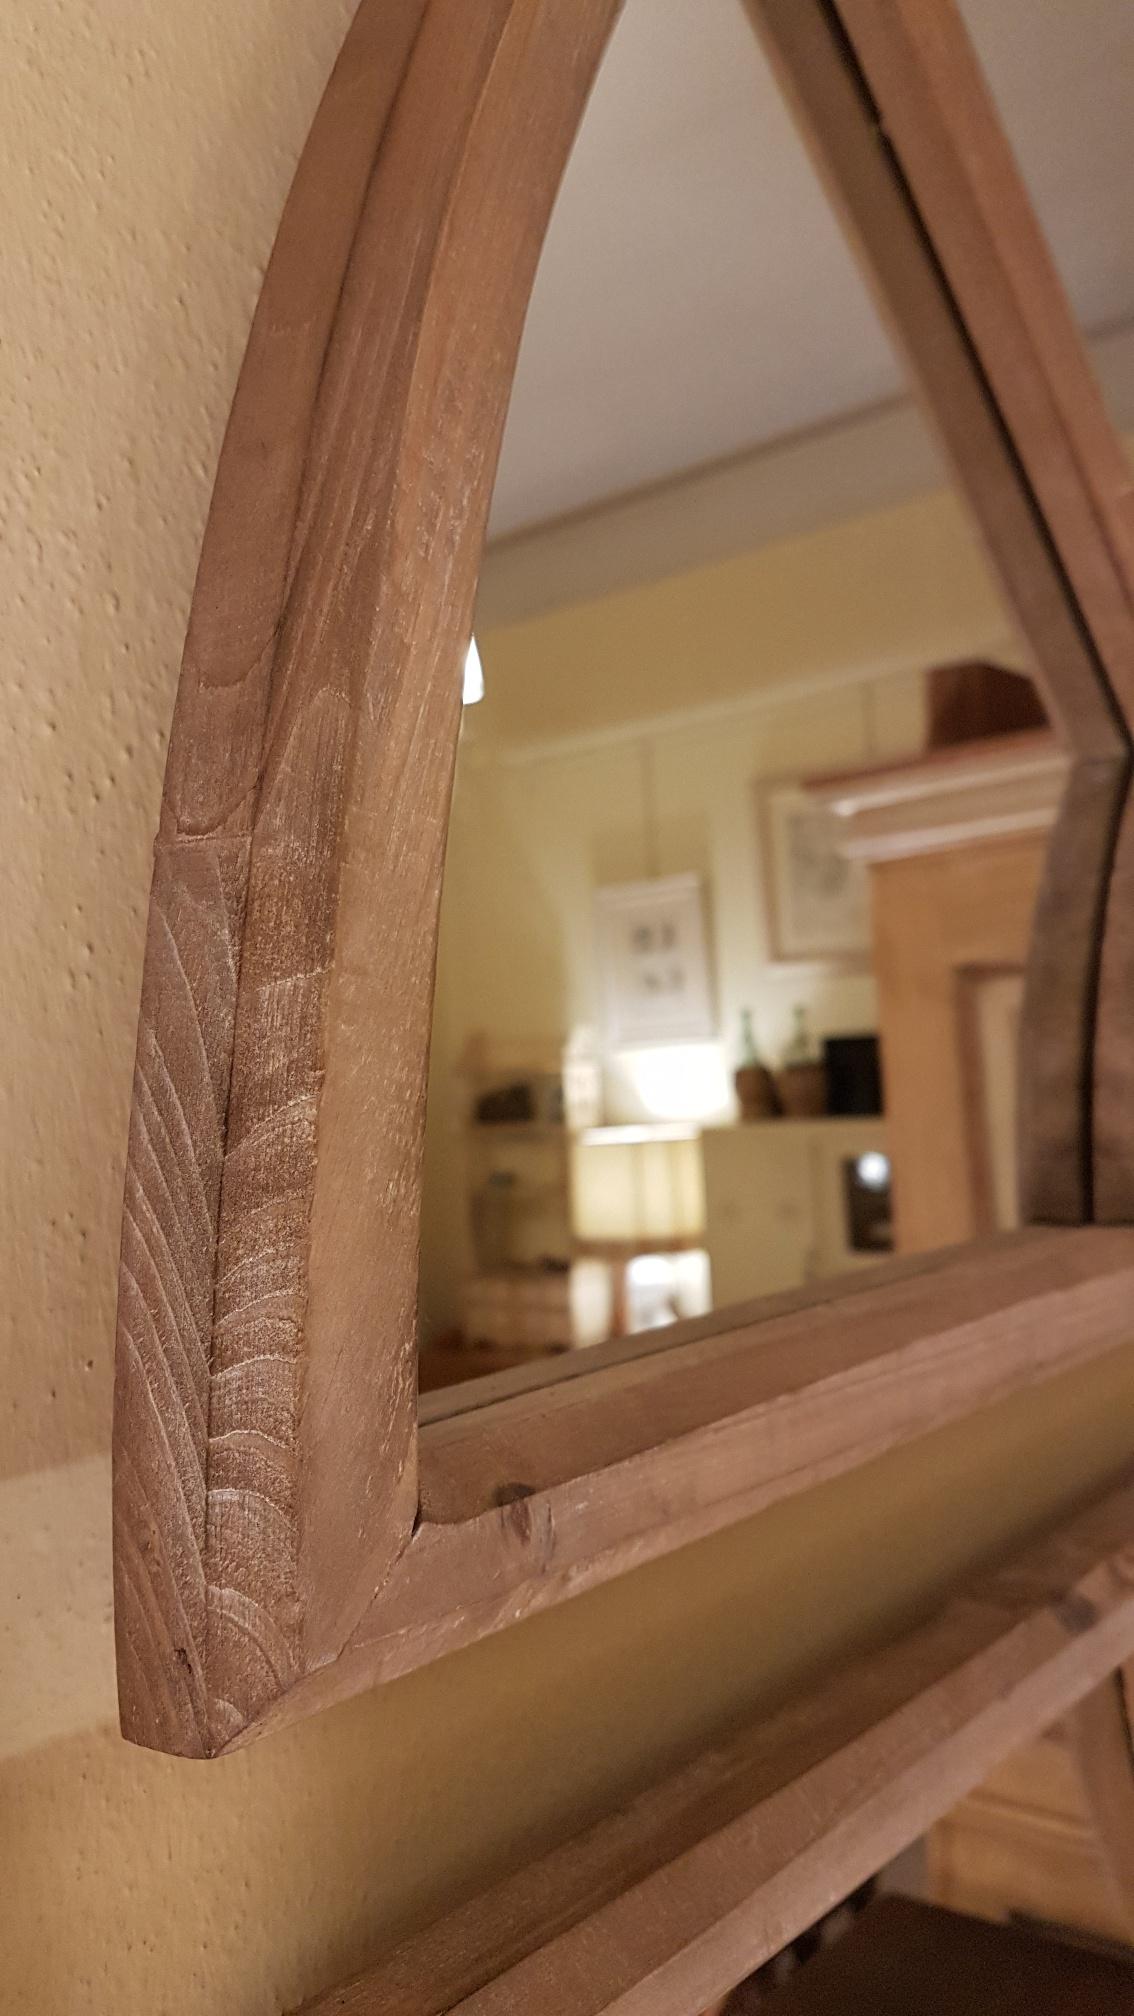 Arredamento contemporaneo mobili country su misura siena firenze specchiera vintage in legno - Mobili in legno di pino ...